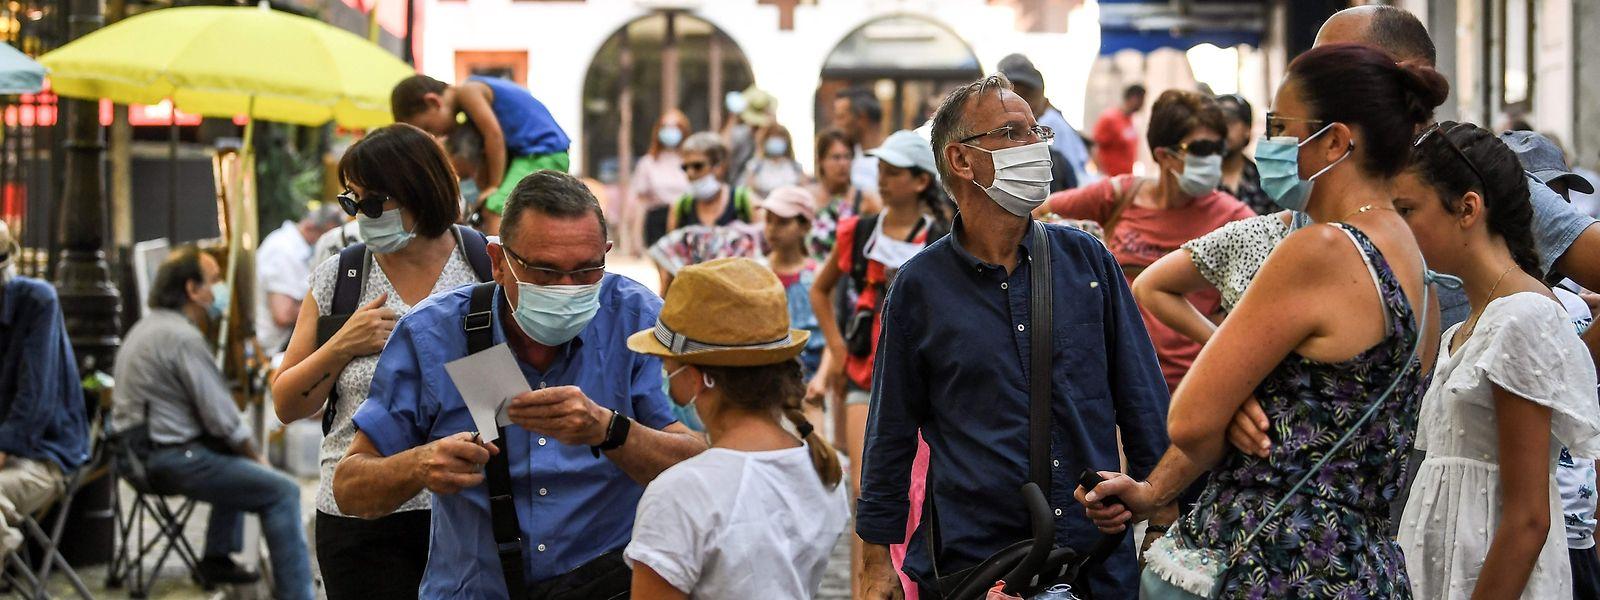 Maskierte Besucher besichtigen Montmartre in Paris.